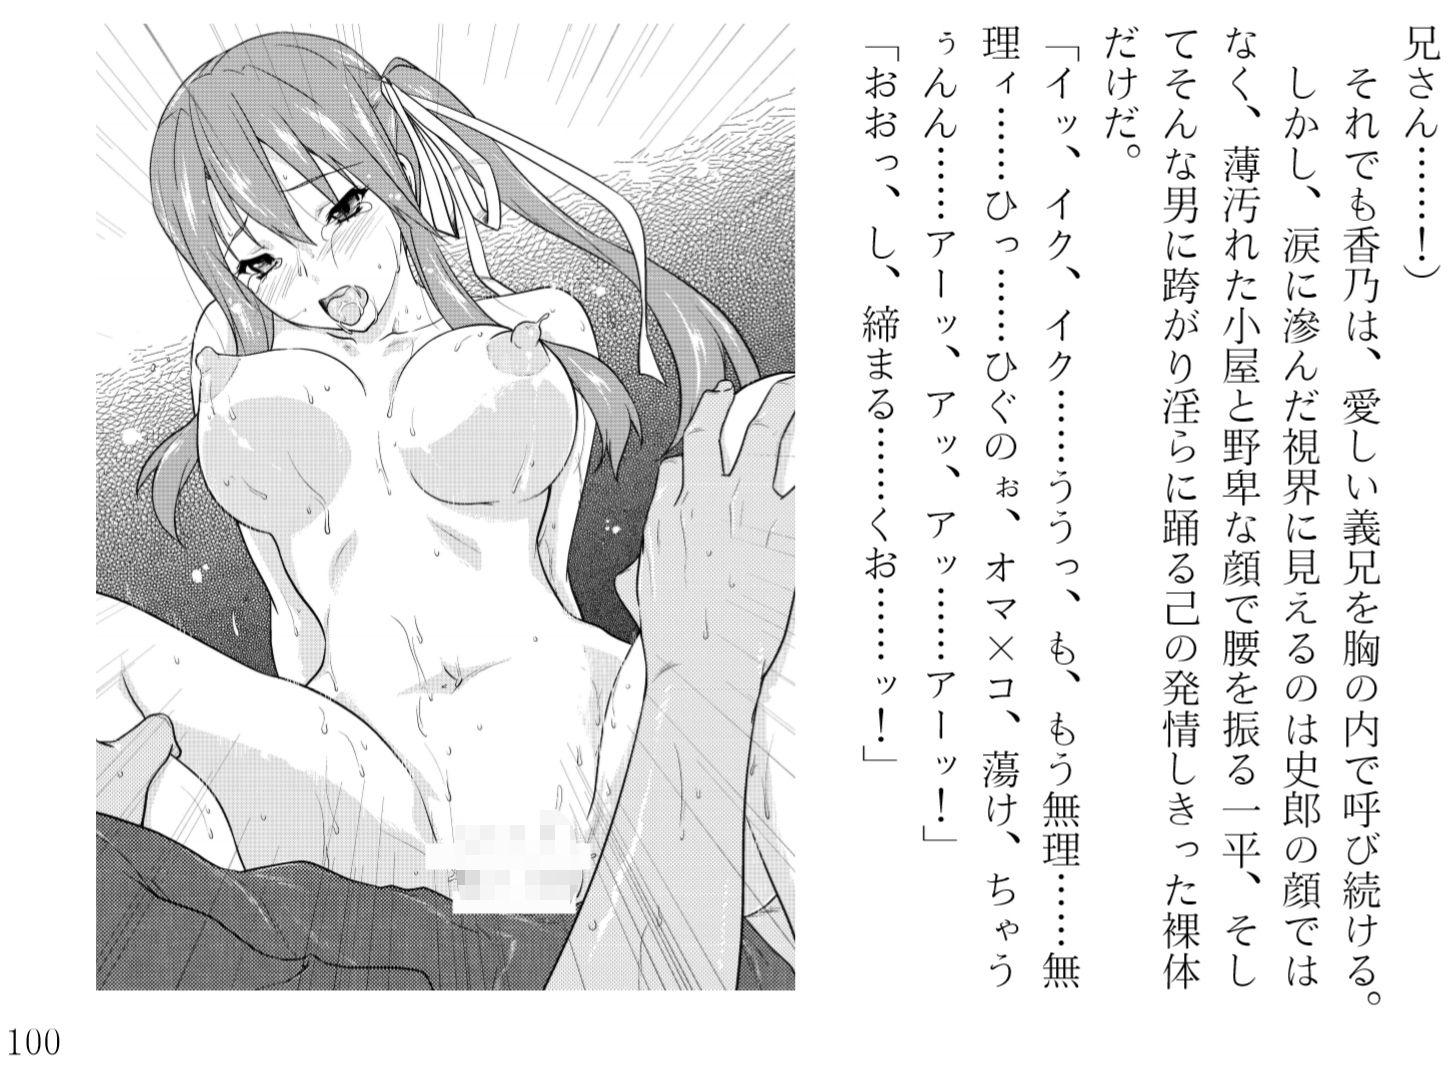 【義妹 露出】卑猥な巨乳の義妹の露出絶頂アナル辱め中出し寝取り・寝取られの同人エロ漫画!